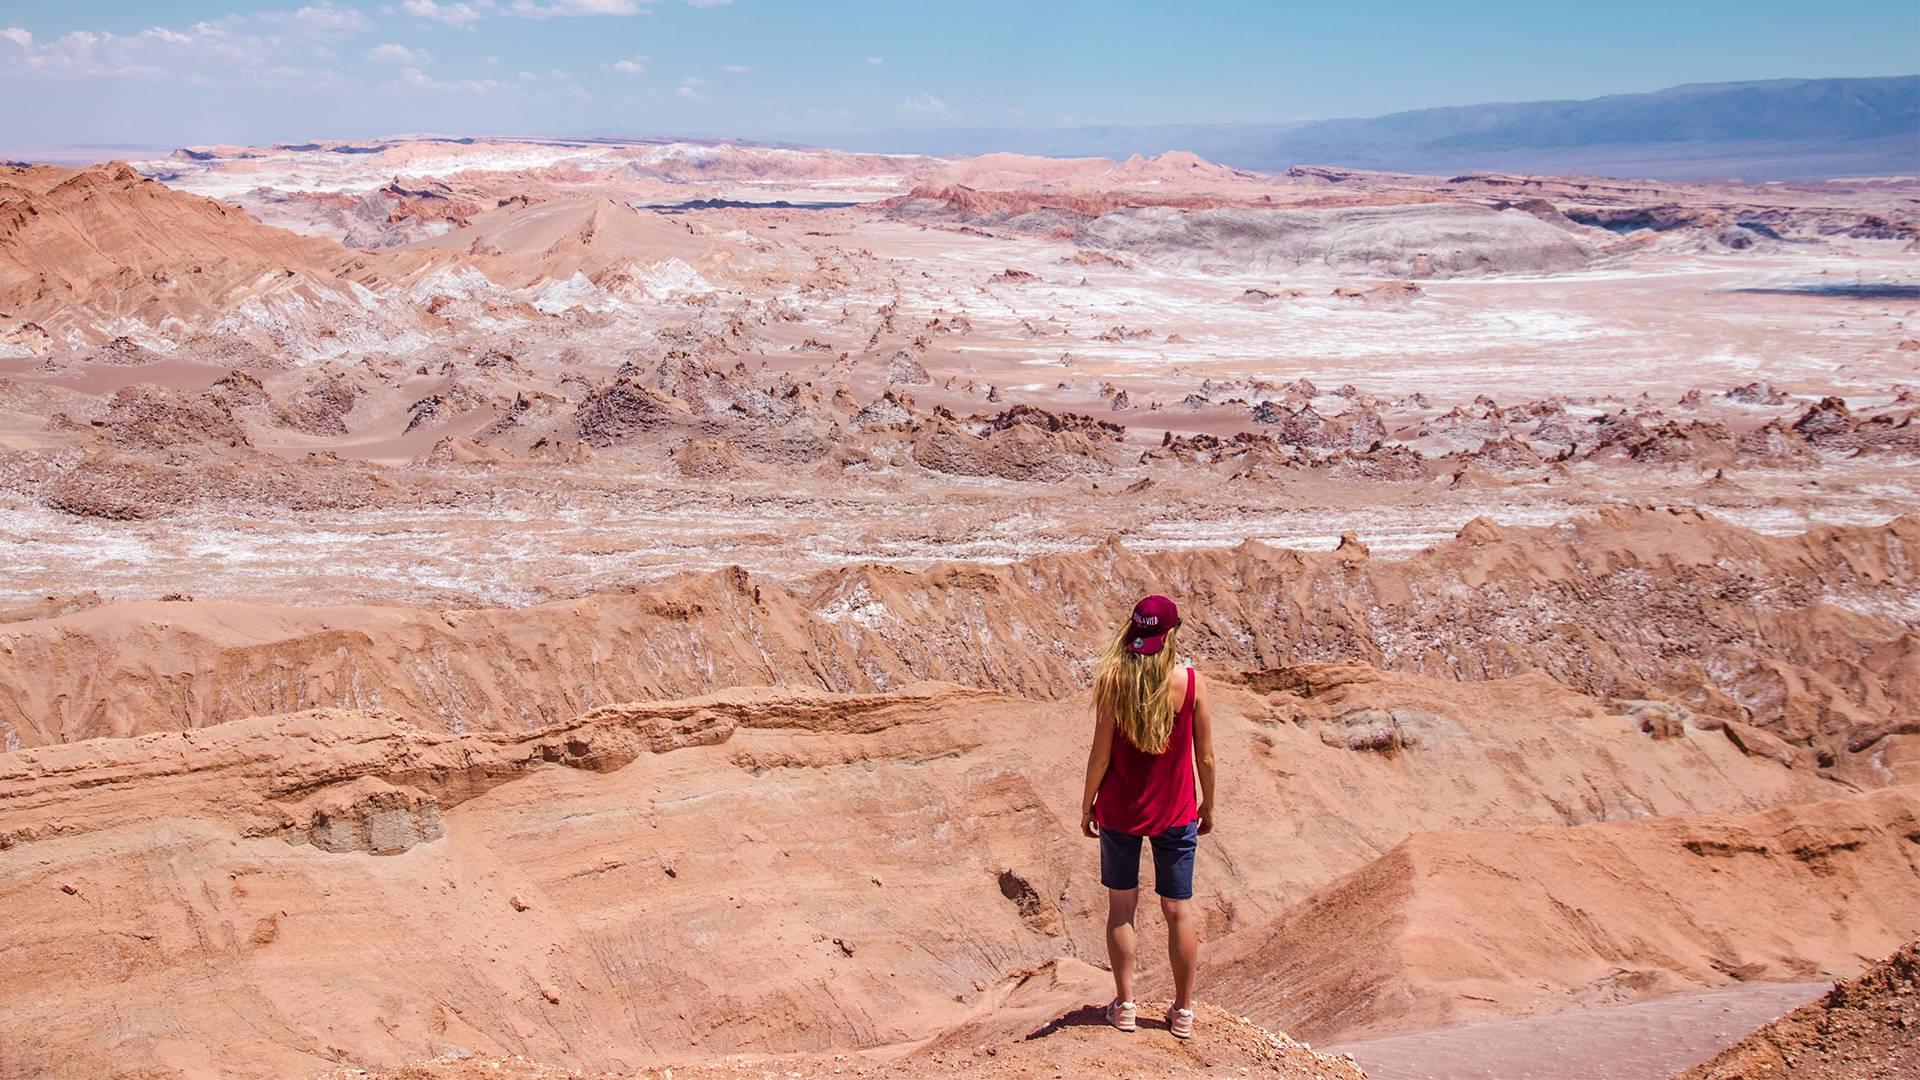 Photo 1: La vallée de la lune - Atacama désert